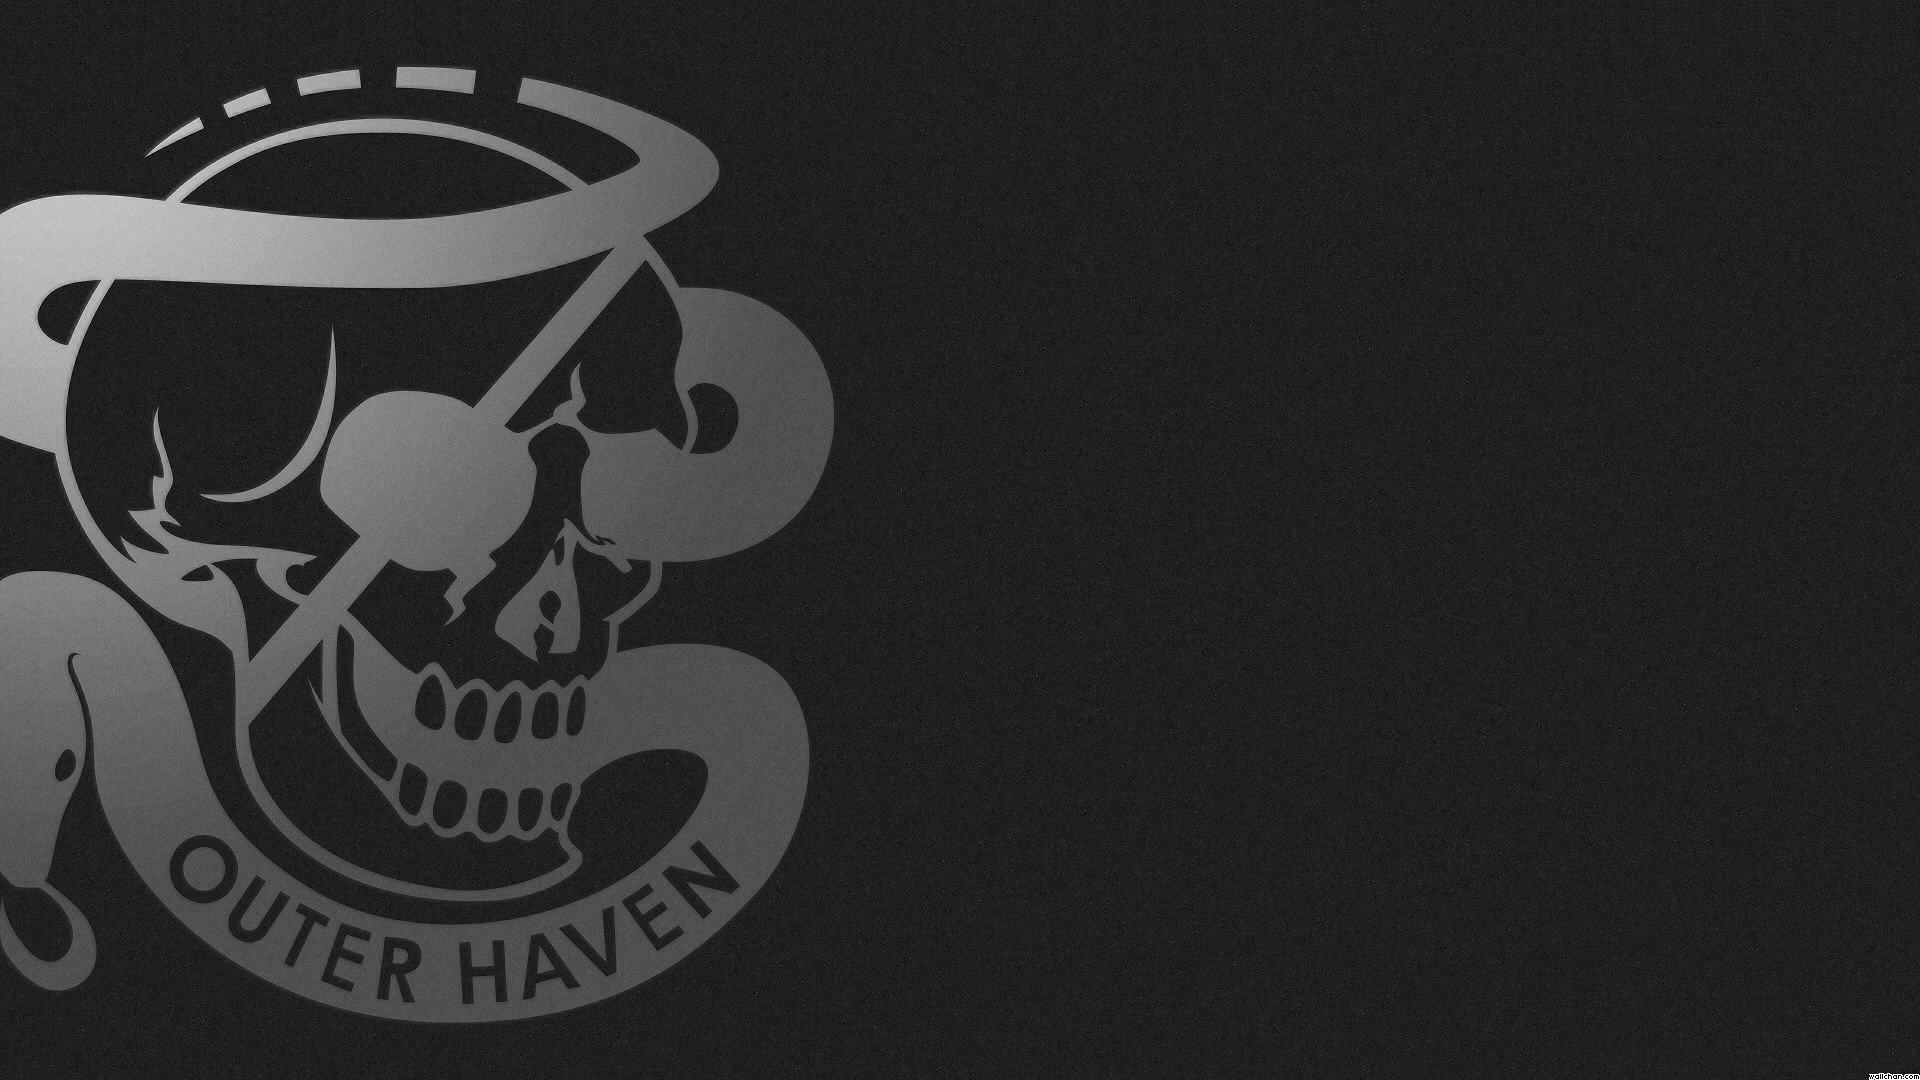 Metal Gear Solid 4 Snakes Skulls